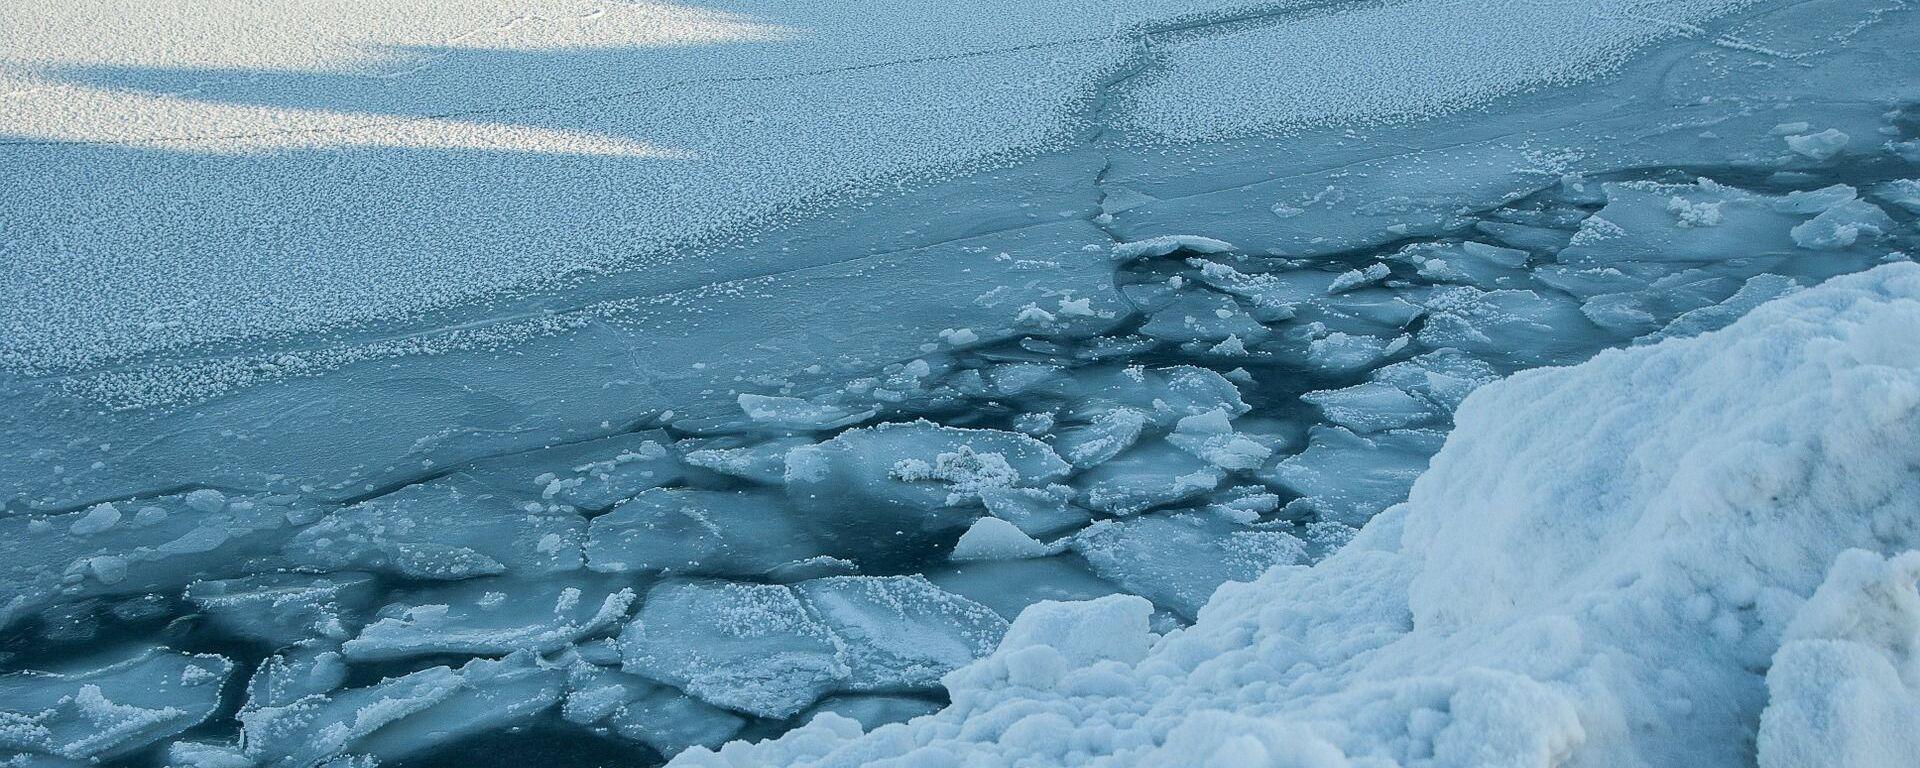 Ártico (imagen referencial) - Sputnik Mundo, 1920, 12.01.2021